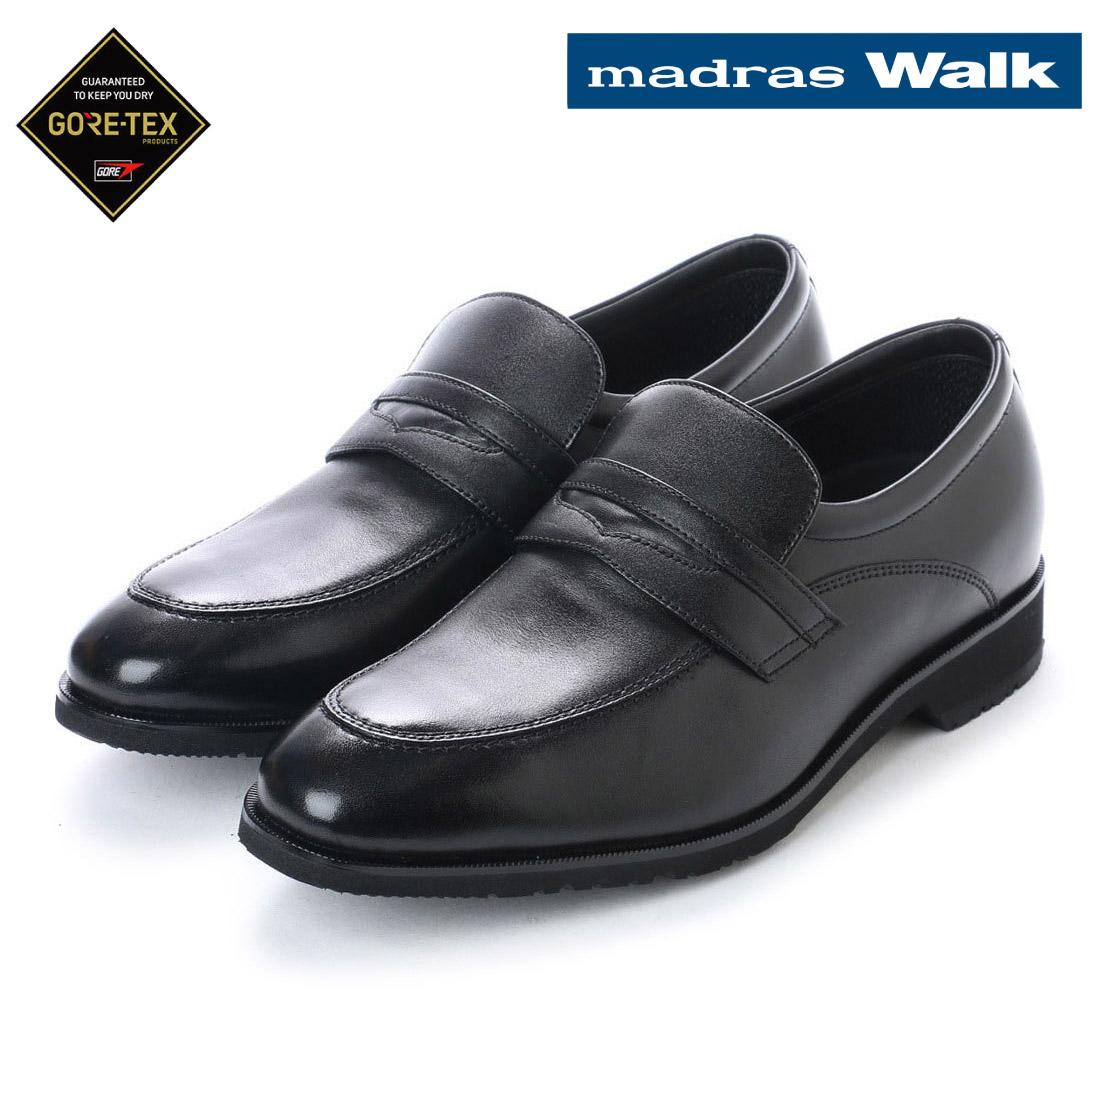 madras Walk マドラス ローファー ビジネス シューズ ゴアテックス MW8004 防水 【nesh】 【新品】